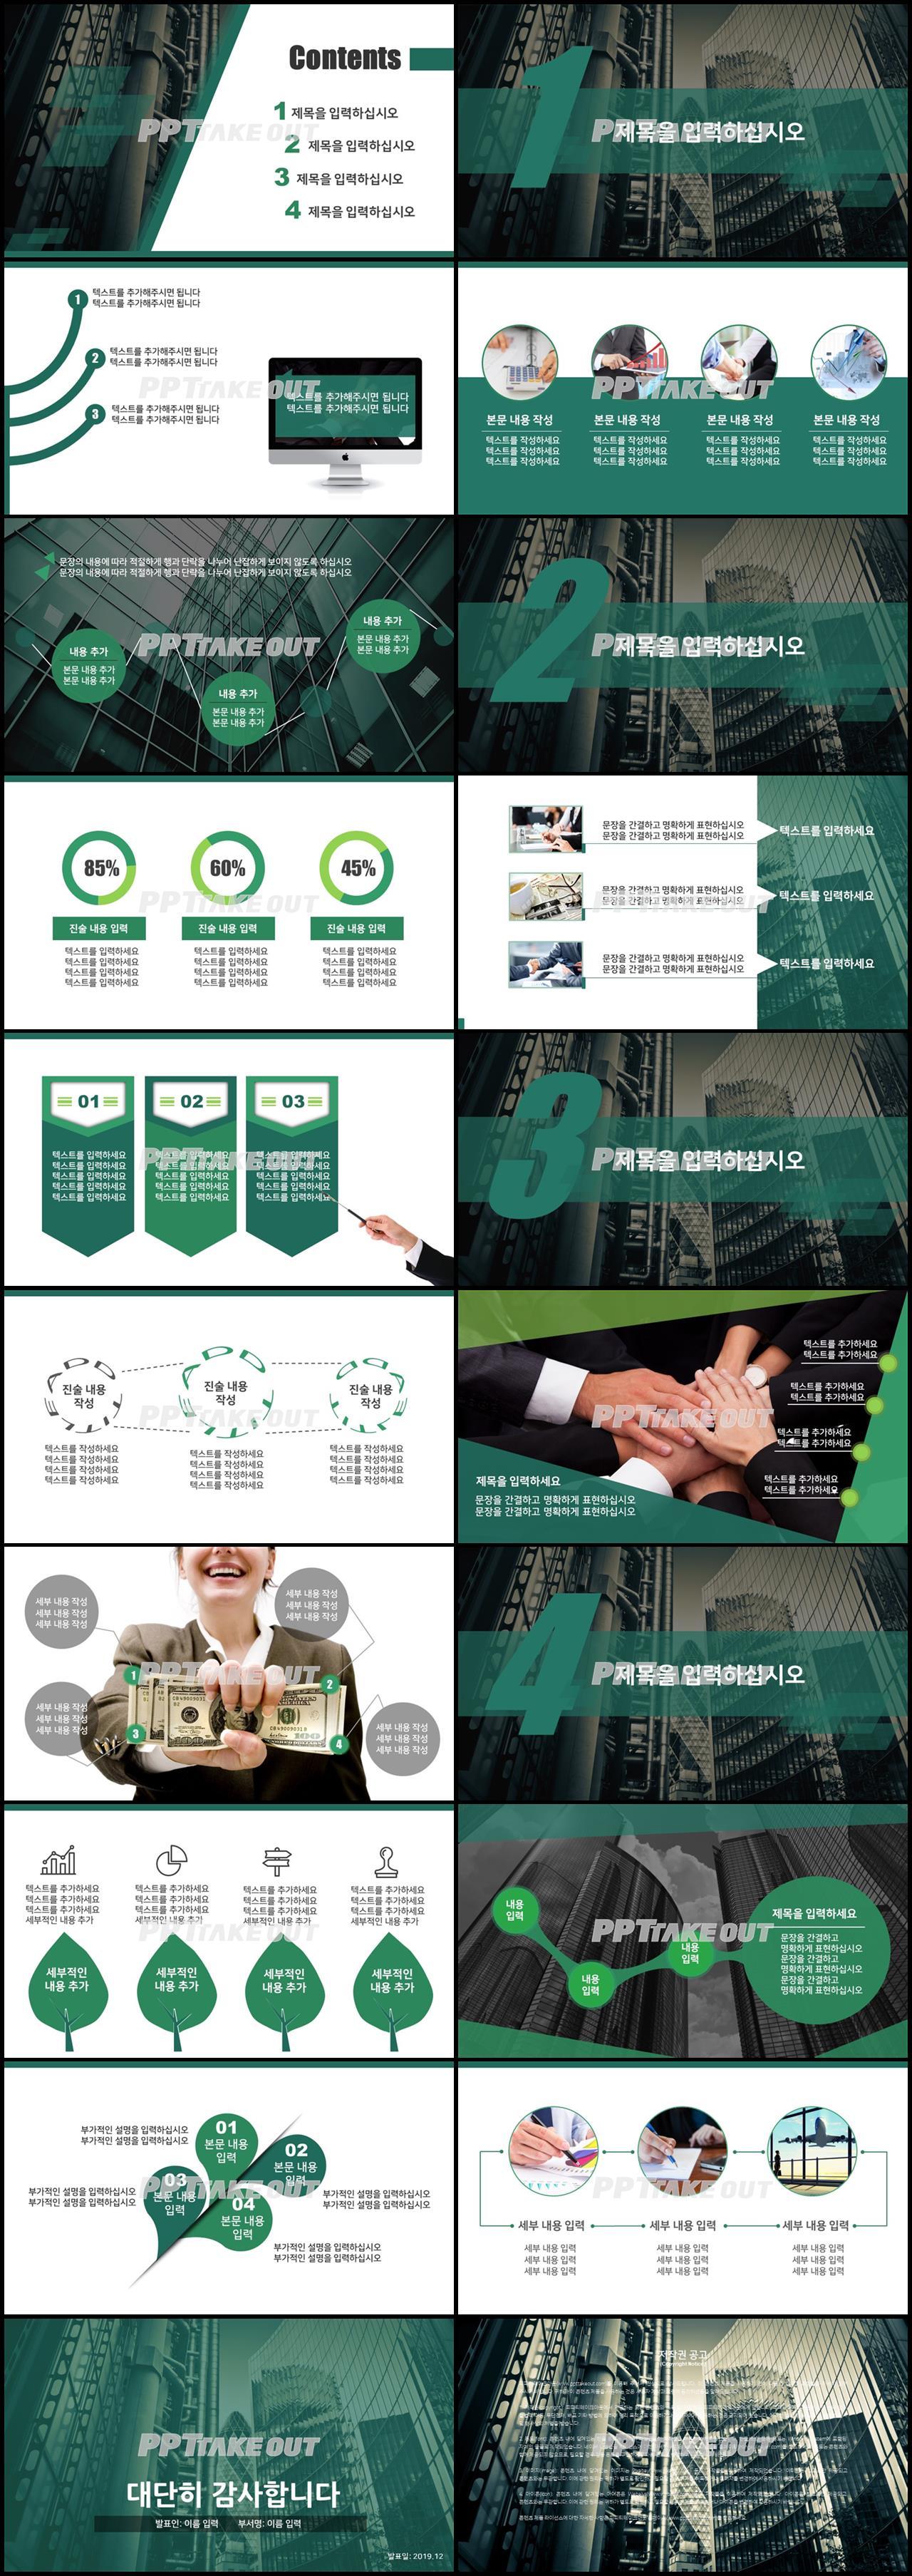 경제금융 녹색 어두운 마음을 사로잡는 PPT샘플 다운 상세보기